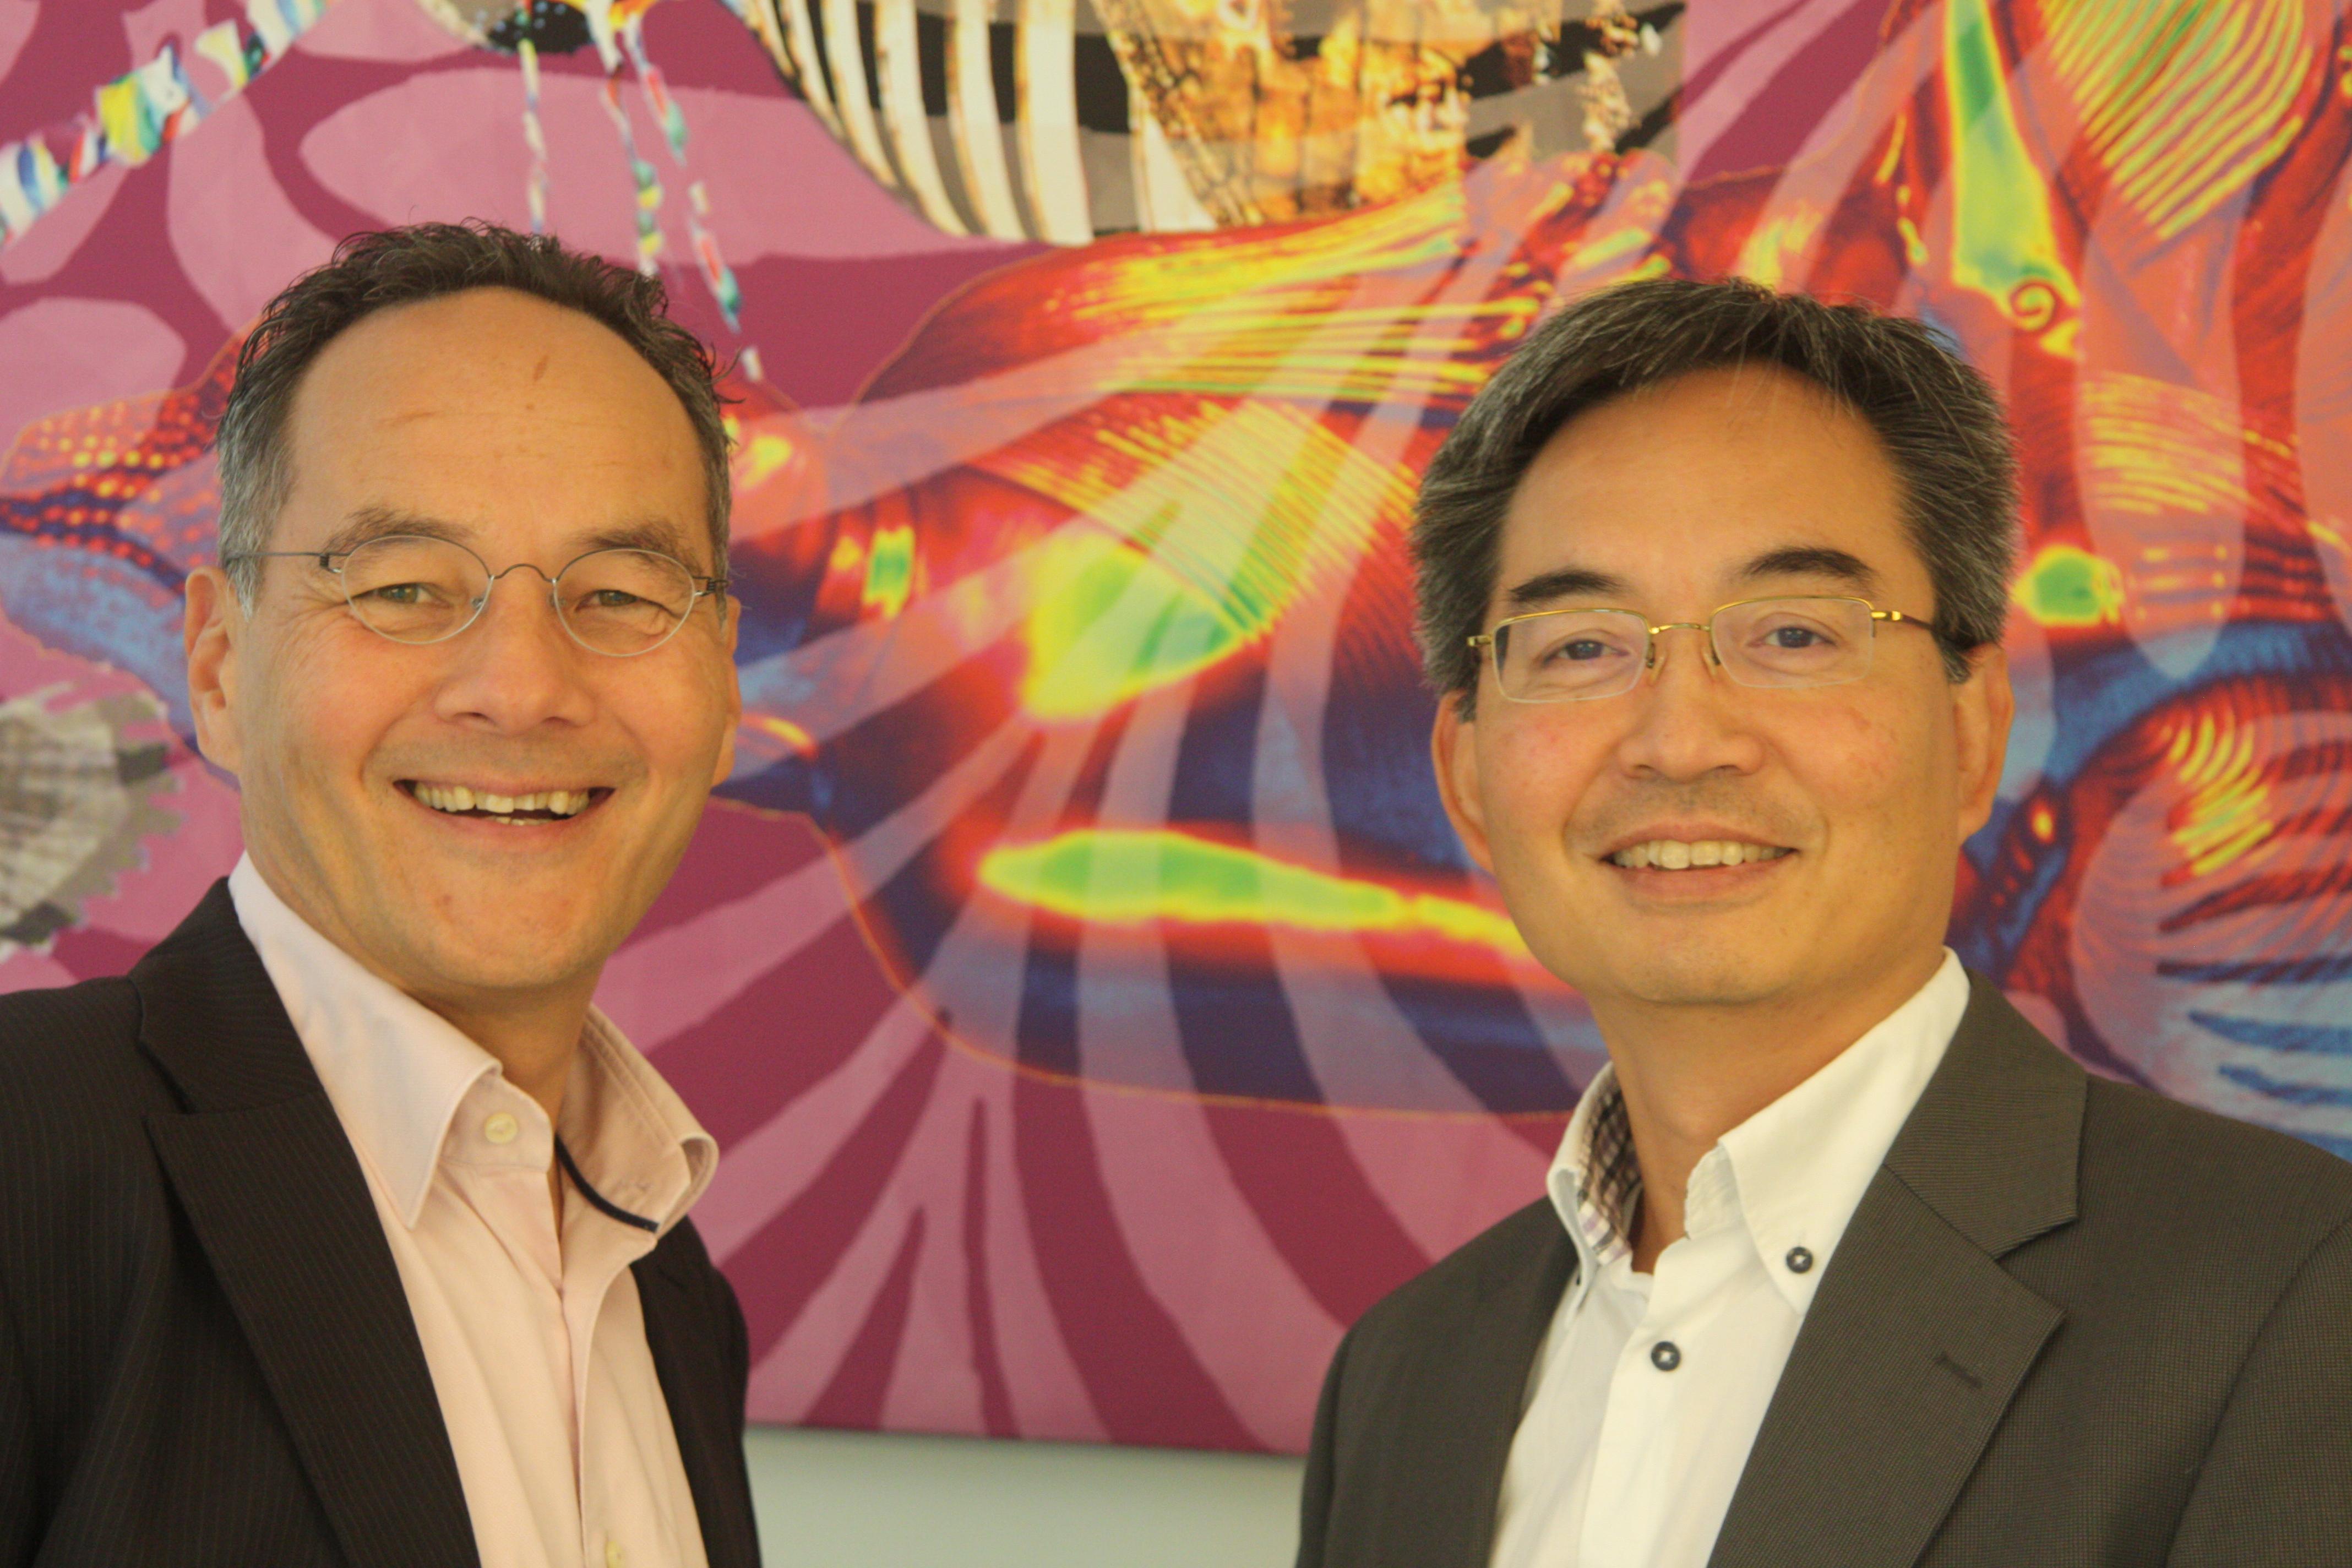 Nieuw lid: Tjwan Oei en Houwke Ong